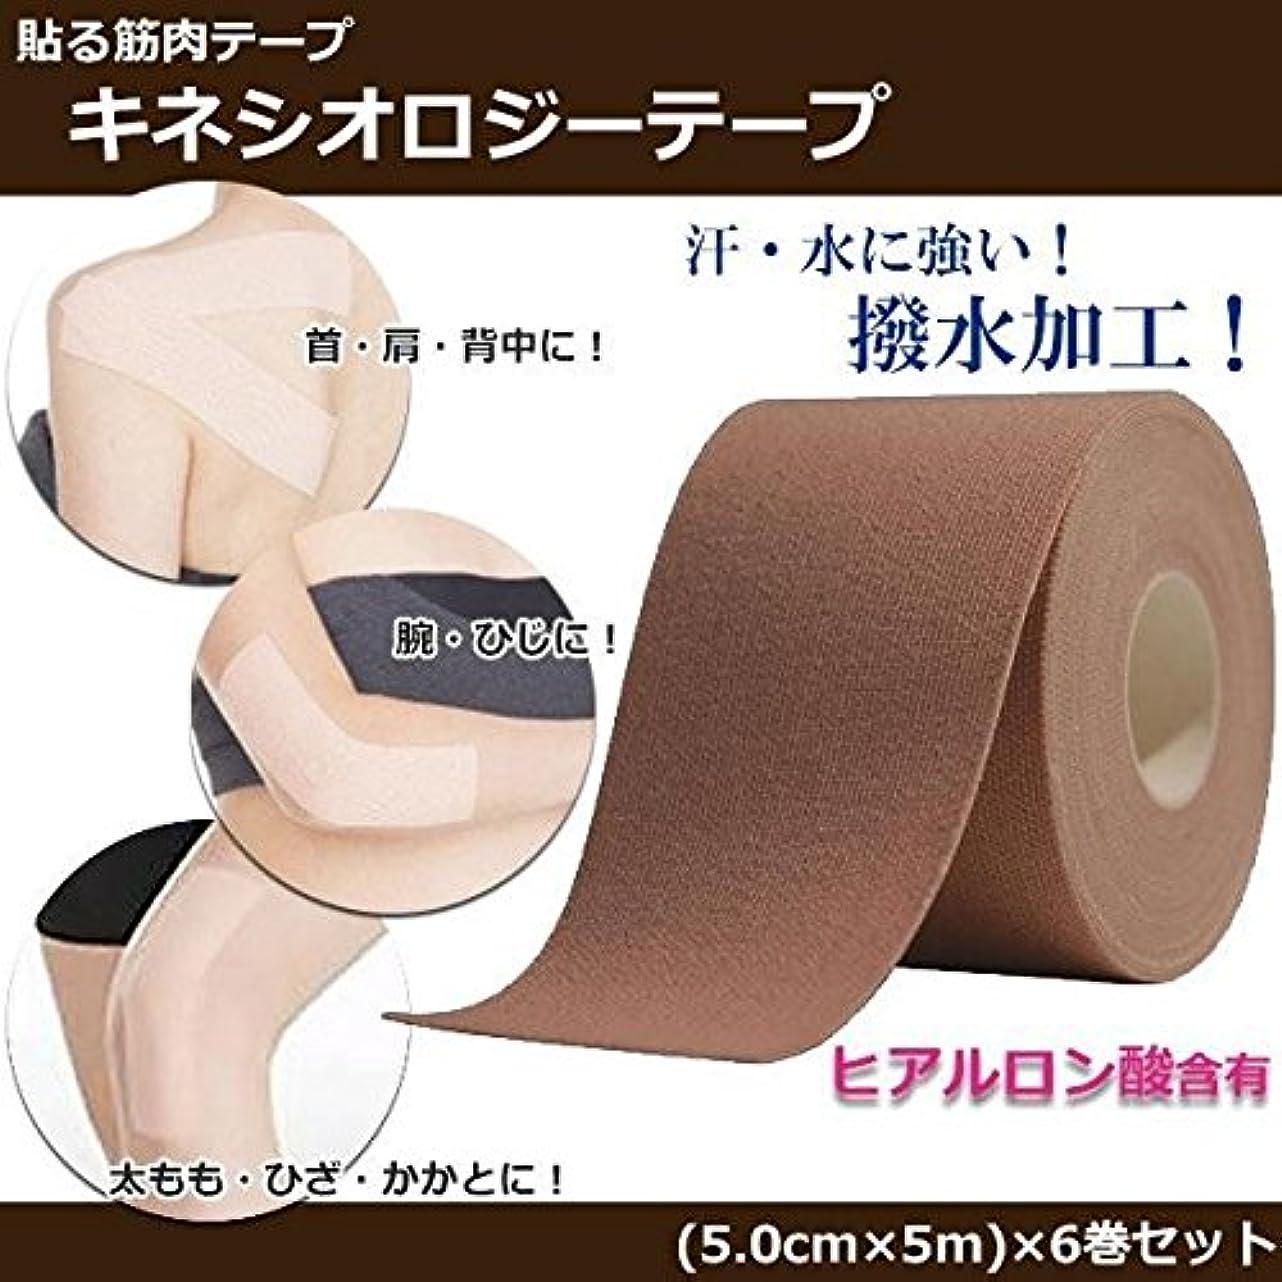 結紮ひねり通訳貼る筋肉テープ キネシオロジーテープ ヒアルロン酸含有 日本製 6巻セット